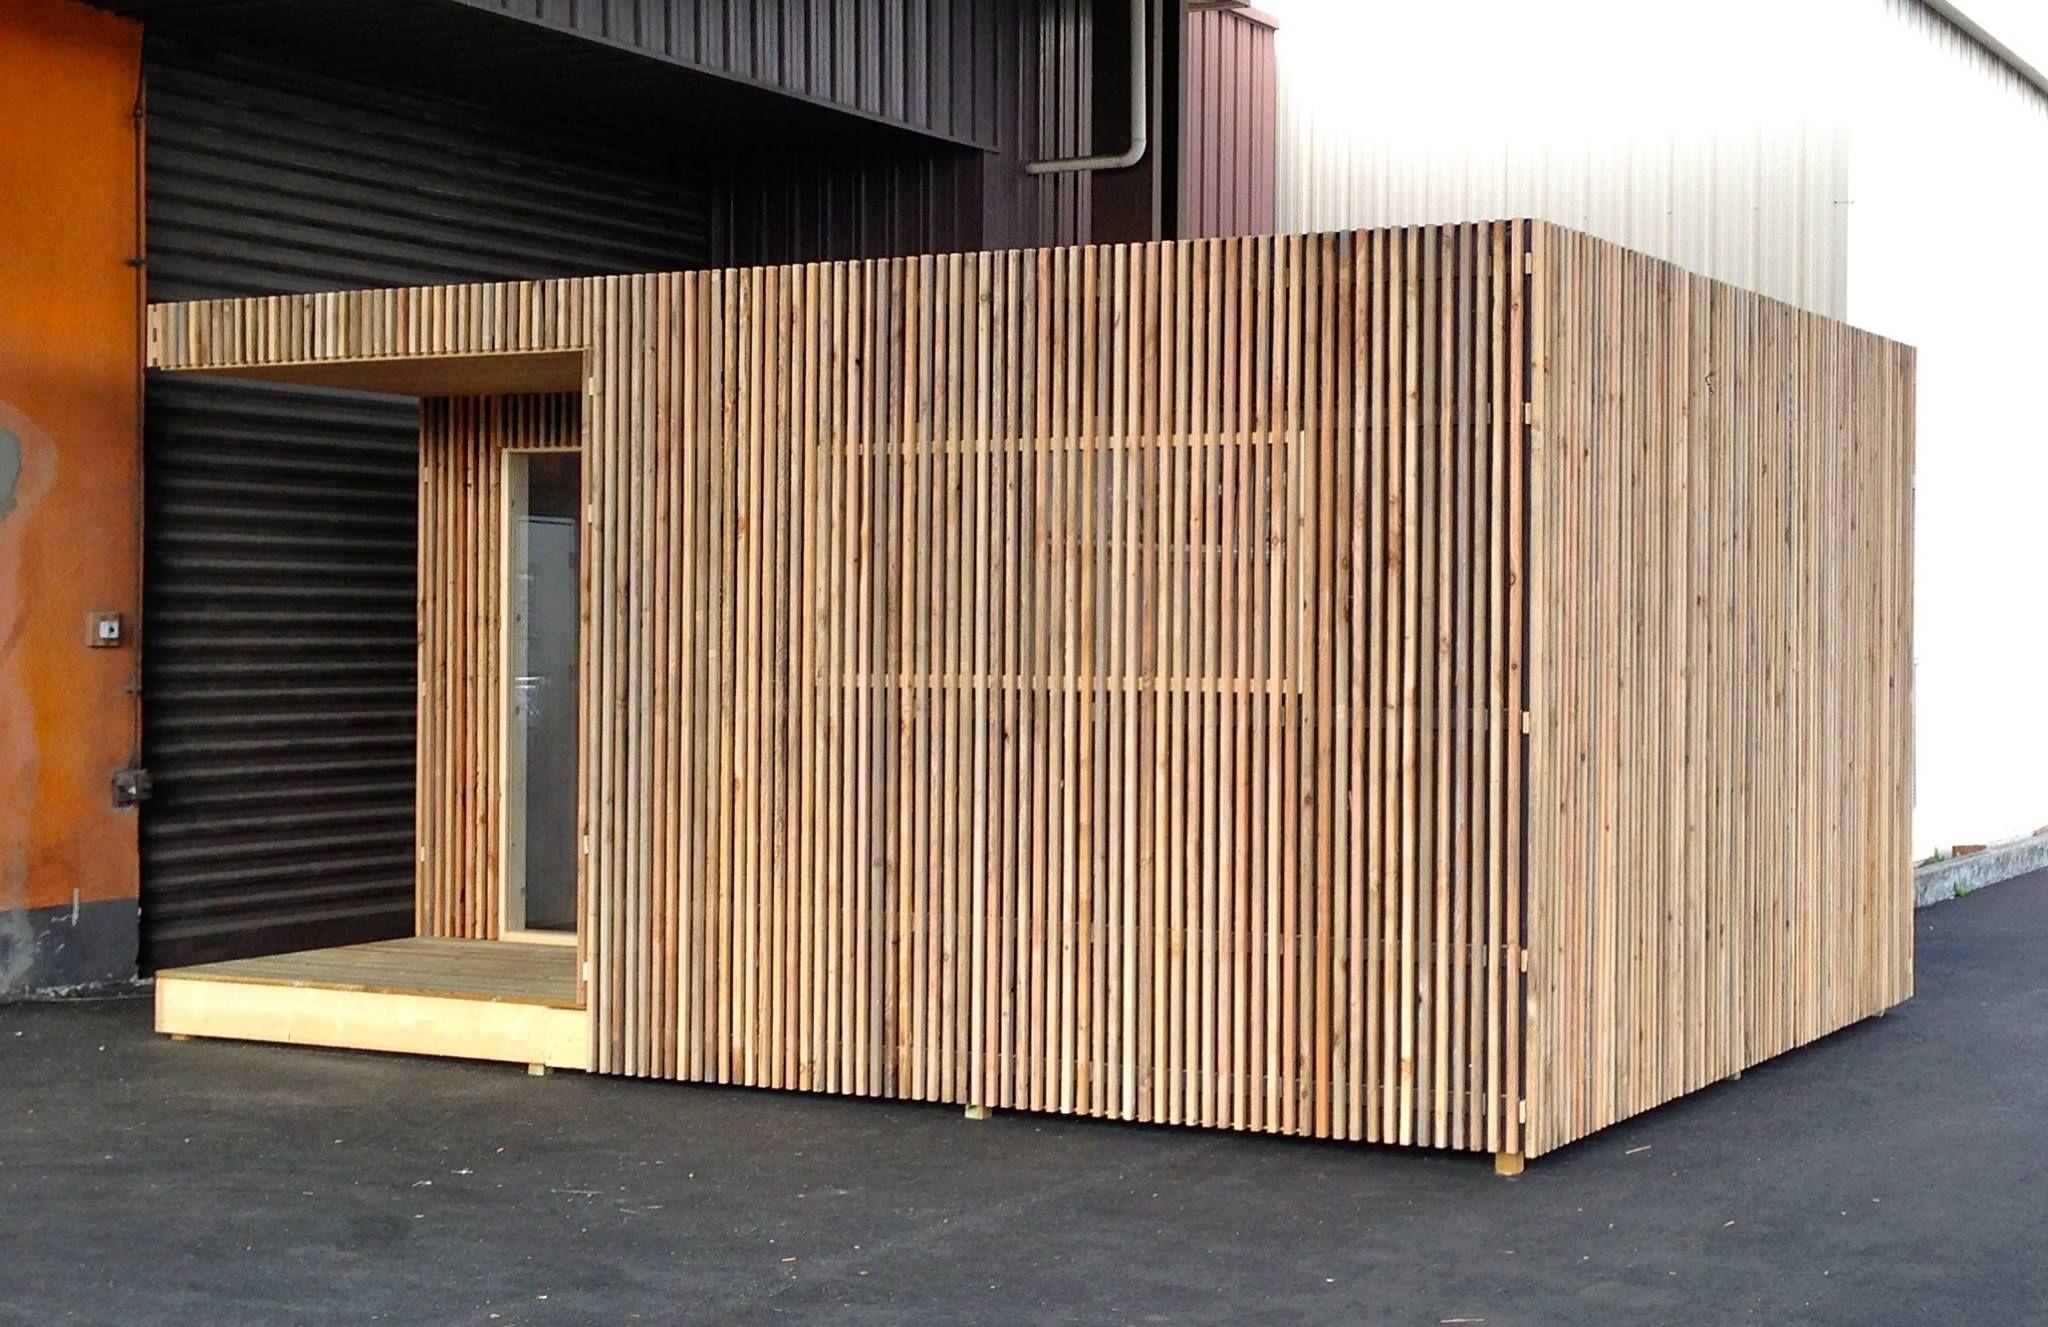 Vue extérieure de l'extension de maison Greenkub de 20m2 (With images) | Small cottage, Wood ...